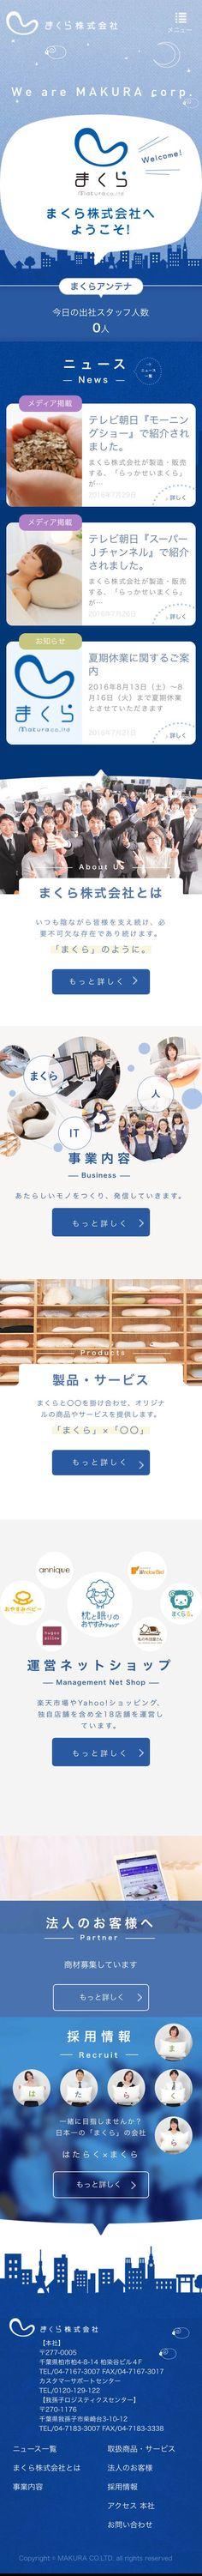 メインやコンテンツ まくら株式会社 枕を中心とした寝具類のインターネット通販・企画製造・卸売販売を行っています。